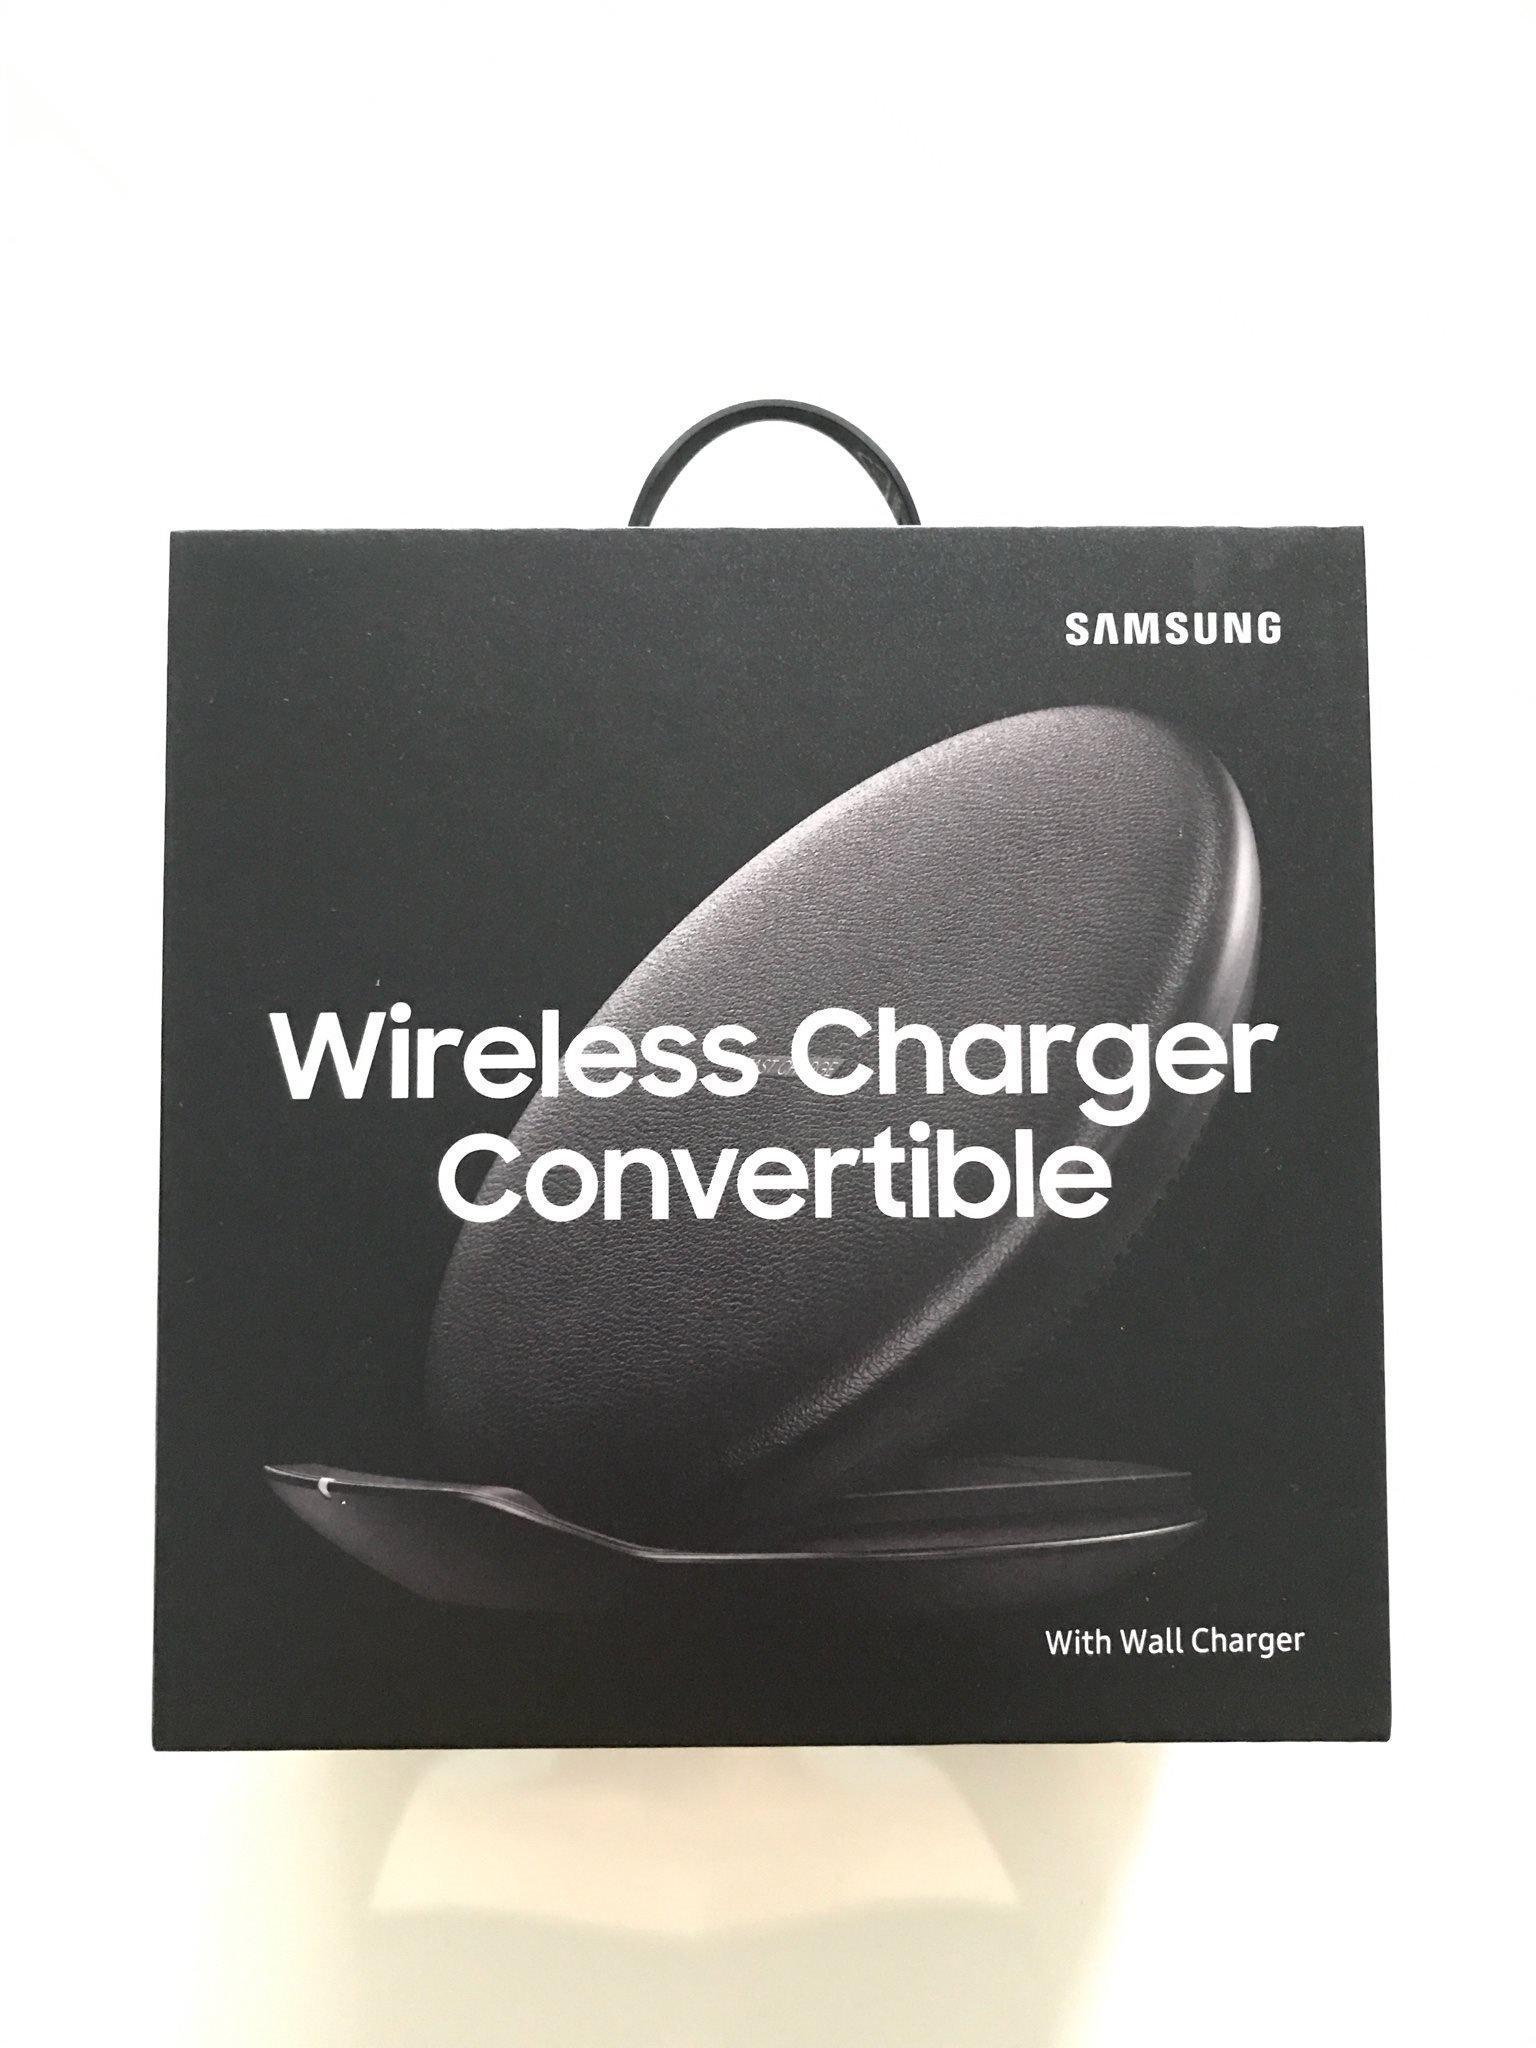 Ny Samsung trådlös laddare (obruten förpackning)